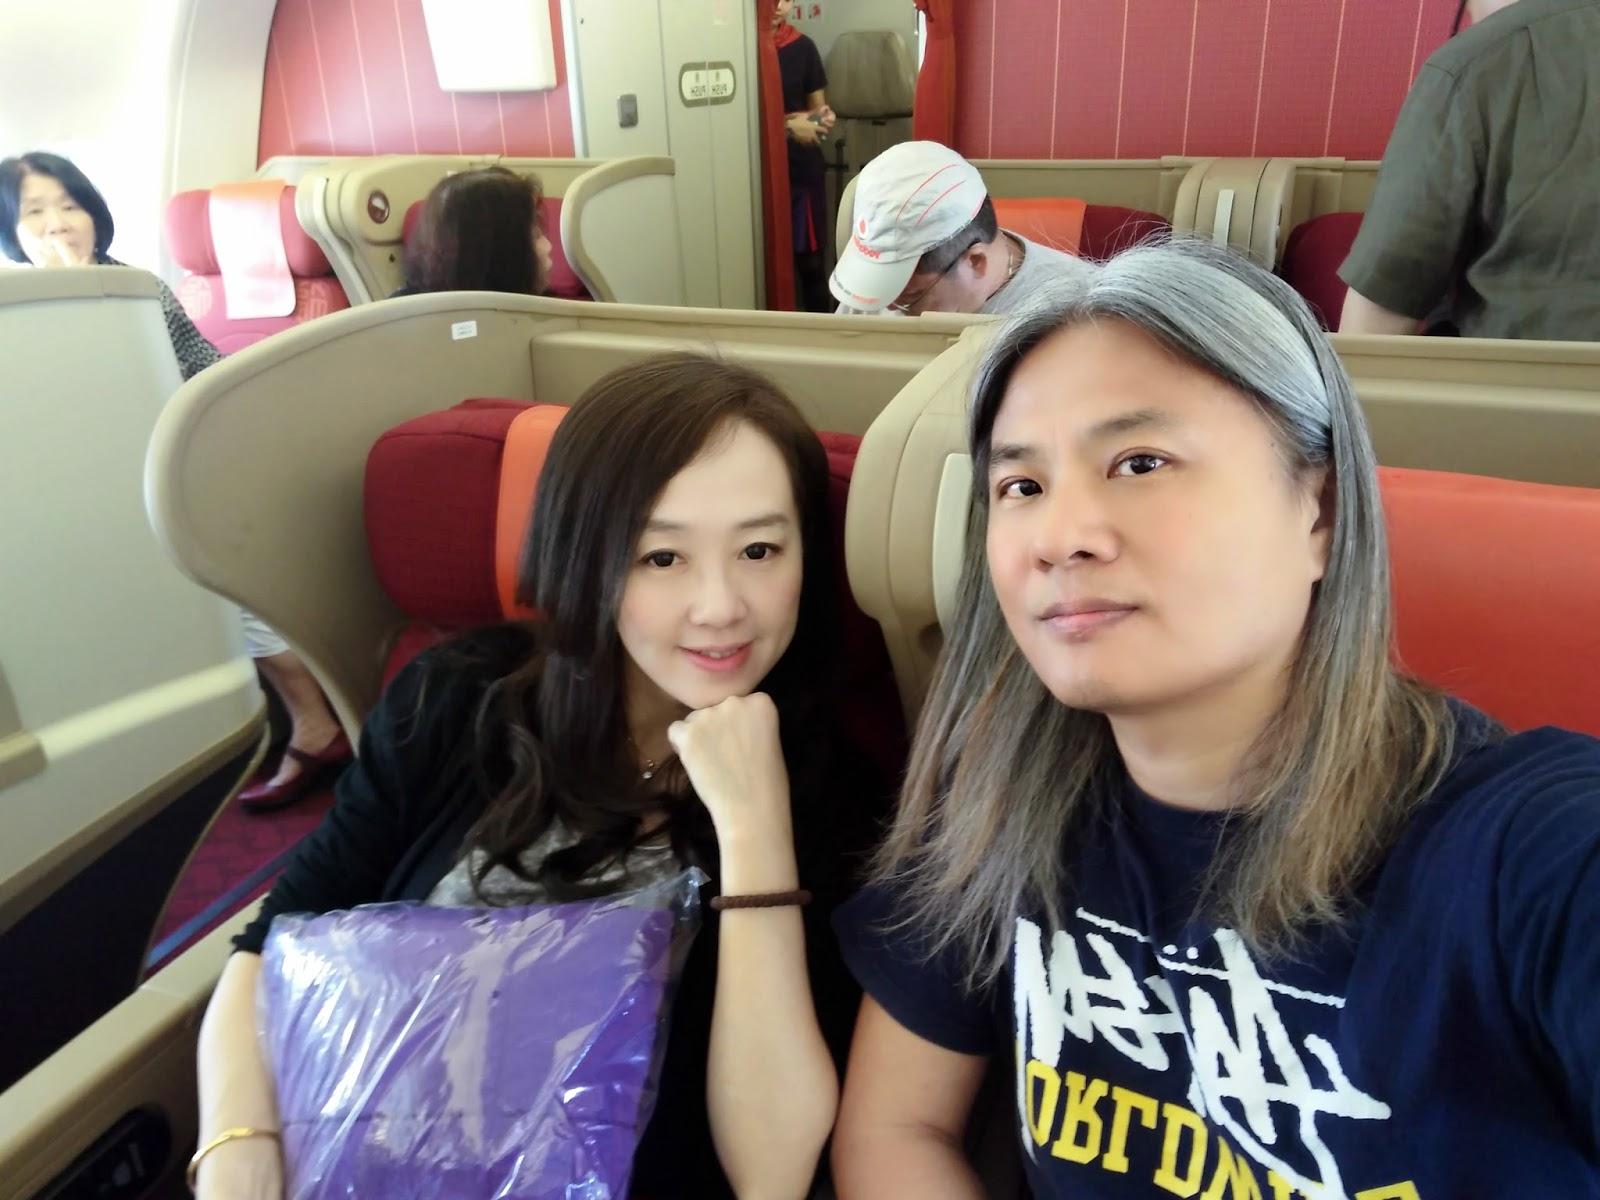 黑老闆說︱香港航空A330-300商務艙雖不是最新的平躺包廂式座椅,但是兩人同行比較方便交談。